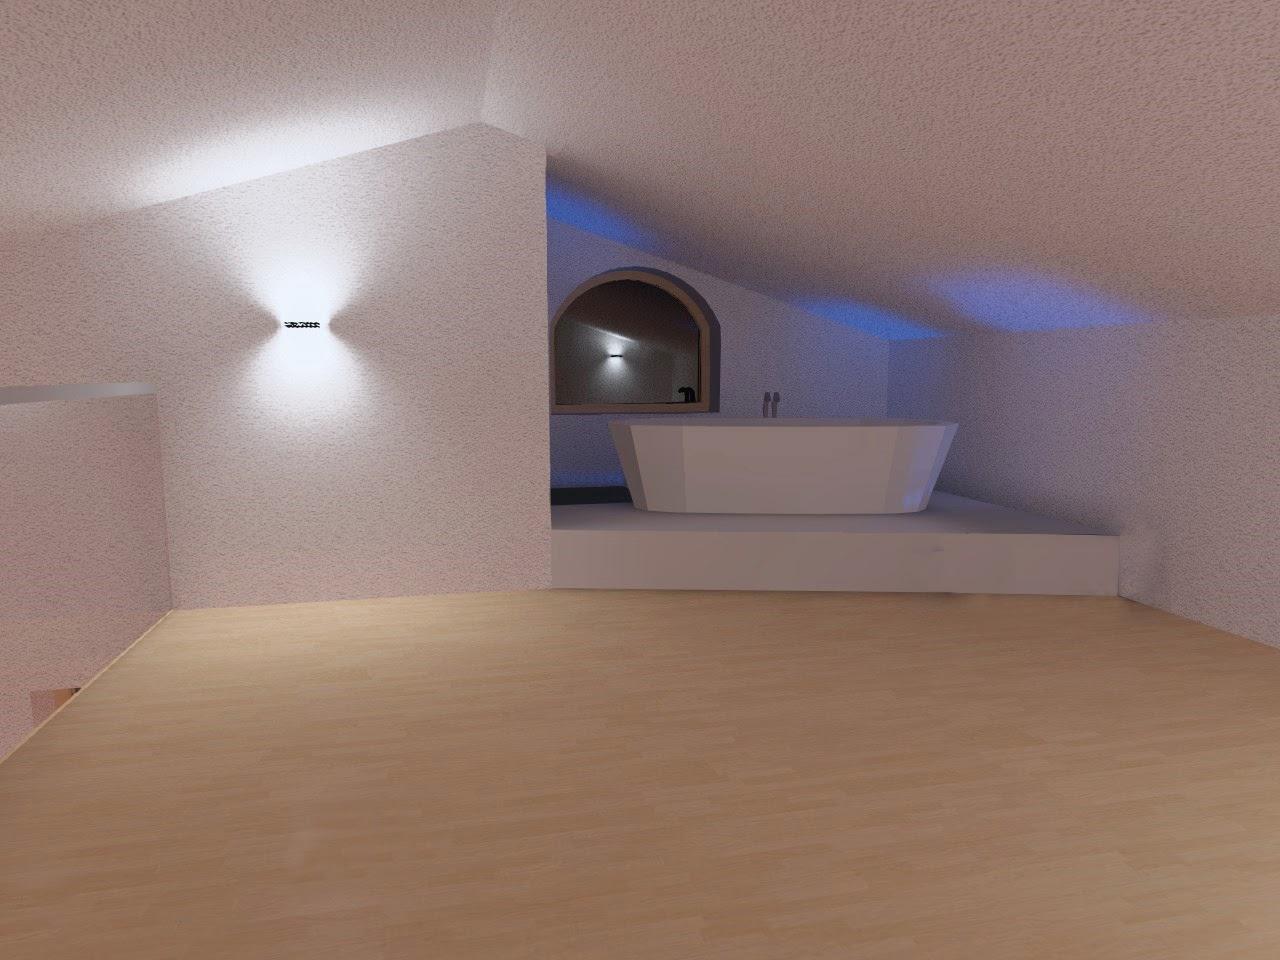 Illuminazione led casa illuminazione led casa lelide led torino presenta la progettazione - Illuminazione bagno led ...